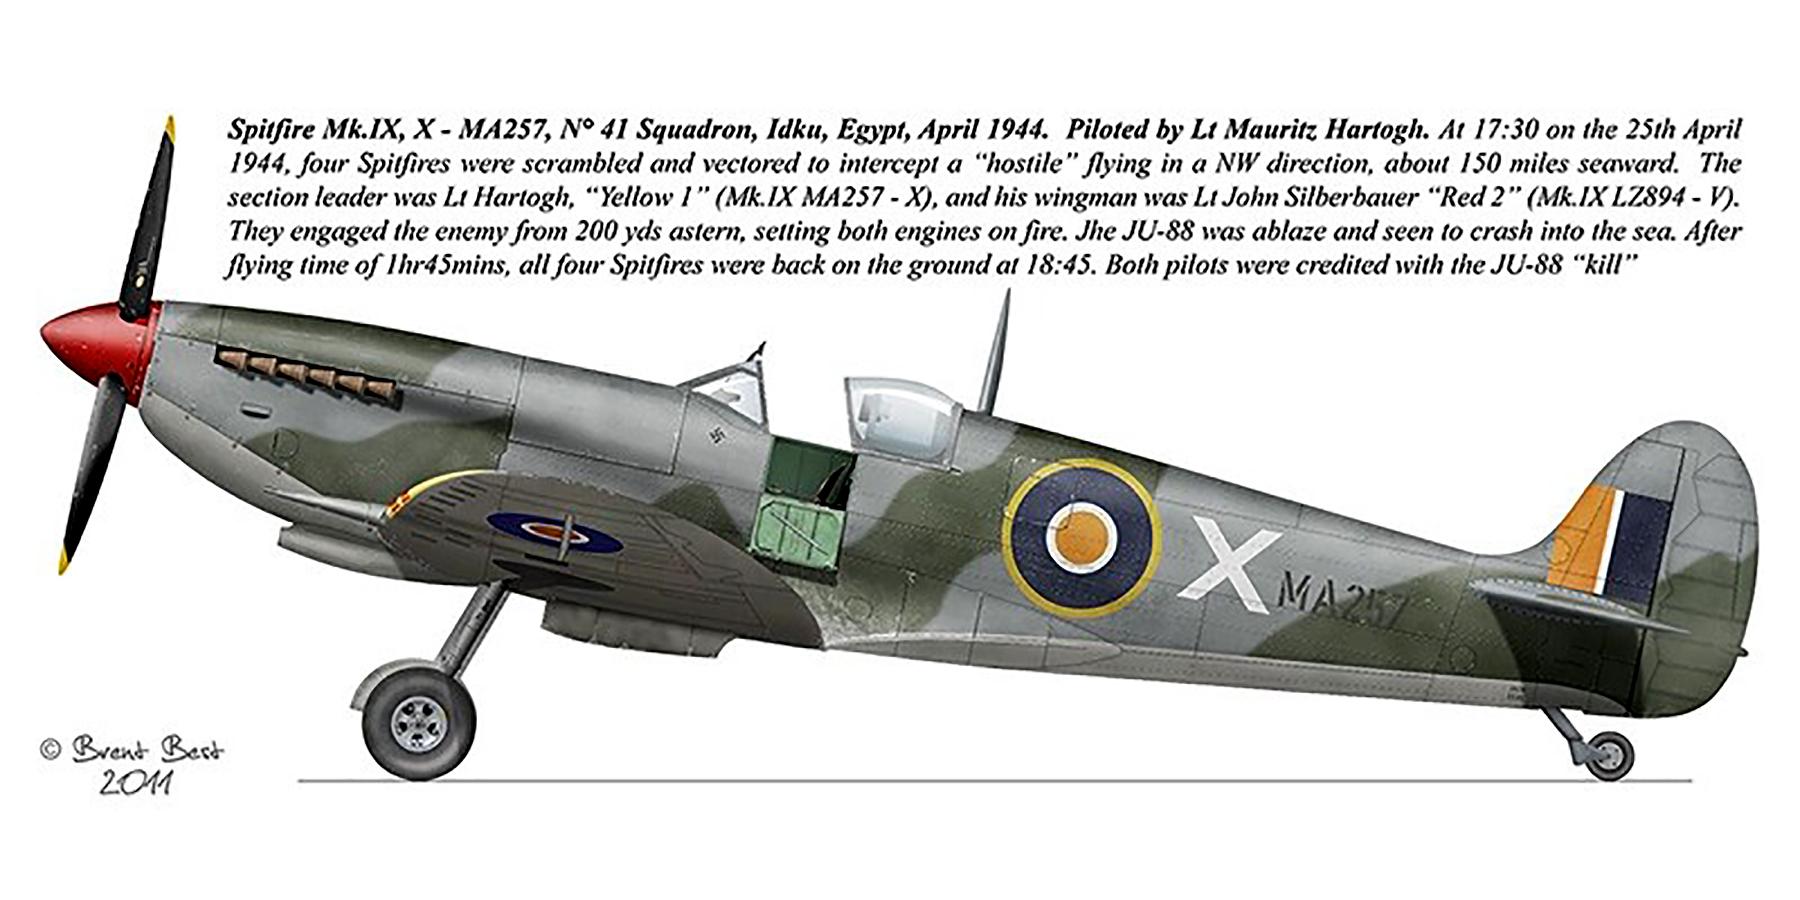 Spitfire MkIX SAAF 41Sqn X Mauritz Hartogh MA257 Idku Egypt Apr 1944 0A